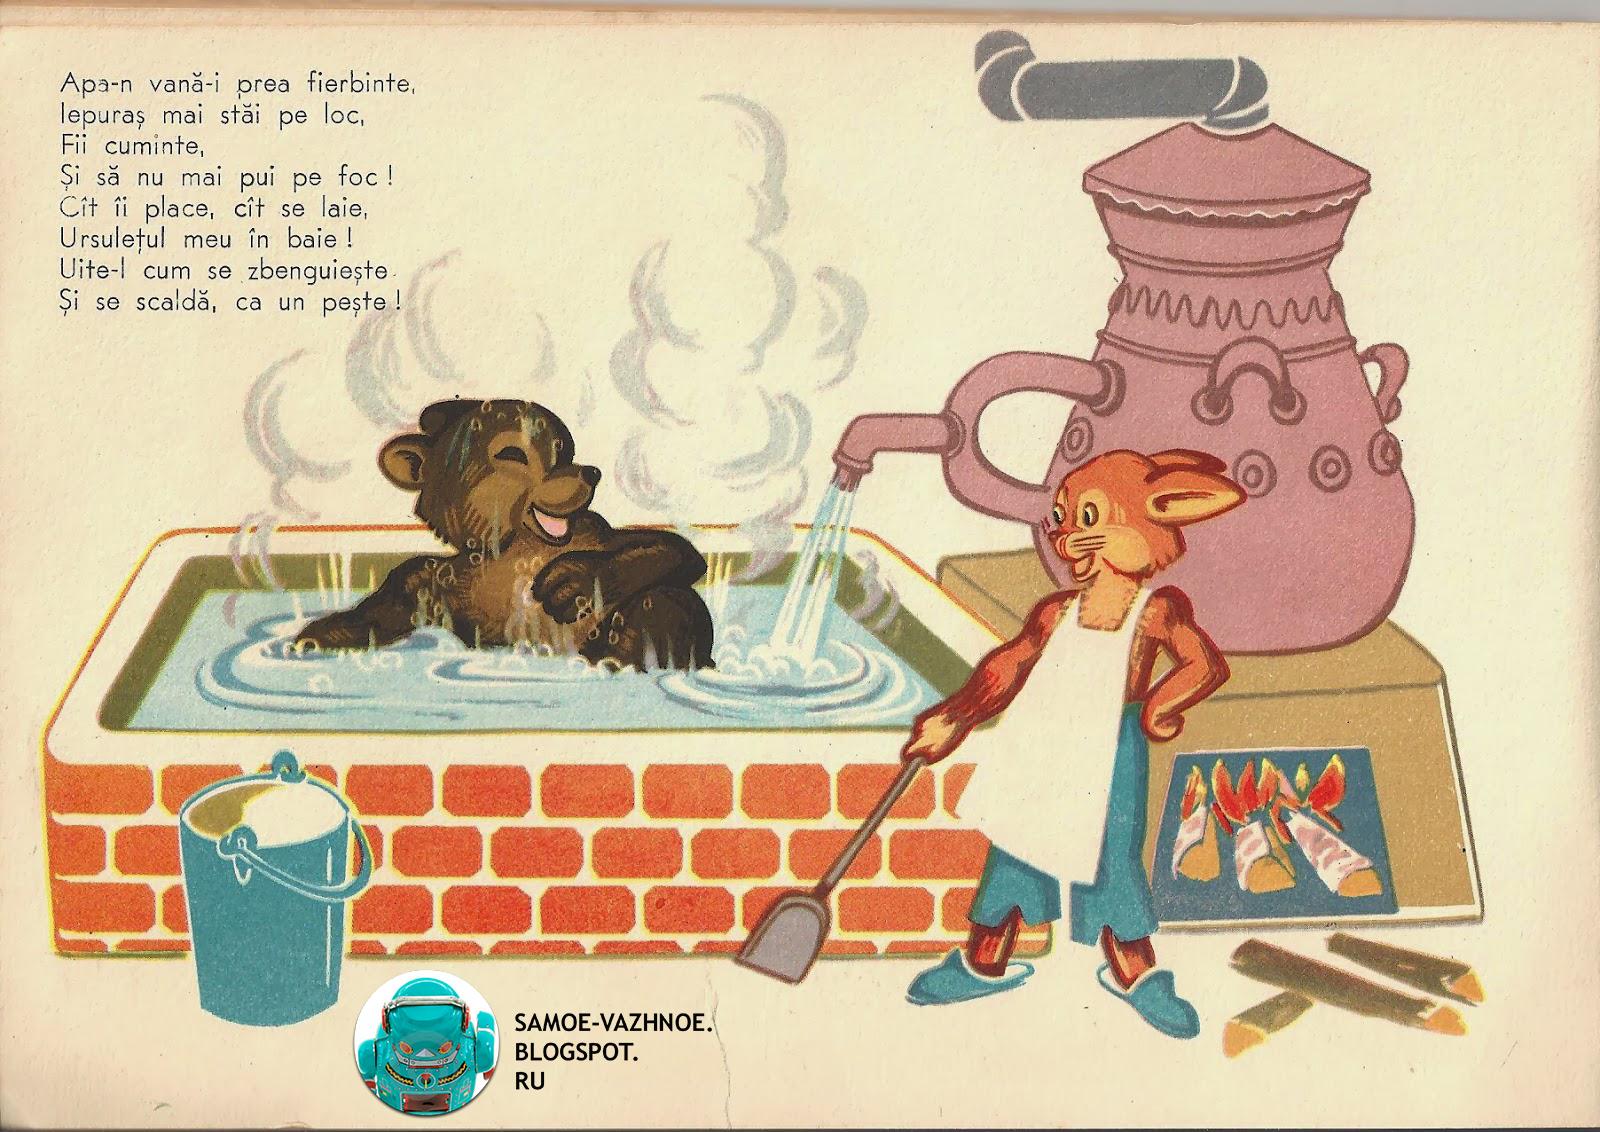 Библиотека советских детских книг. Библиотека детские книги СССР.